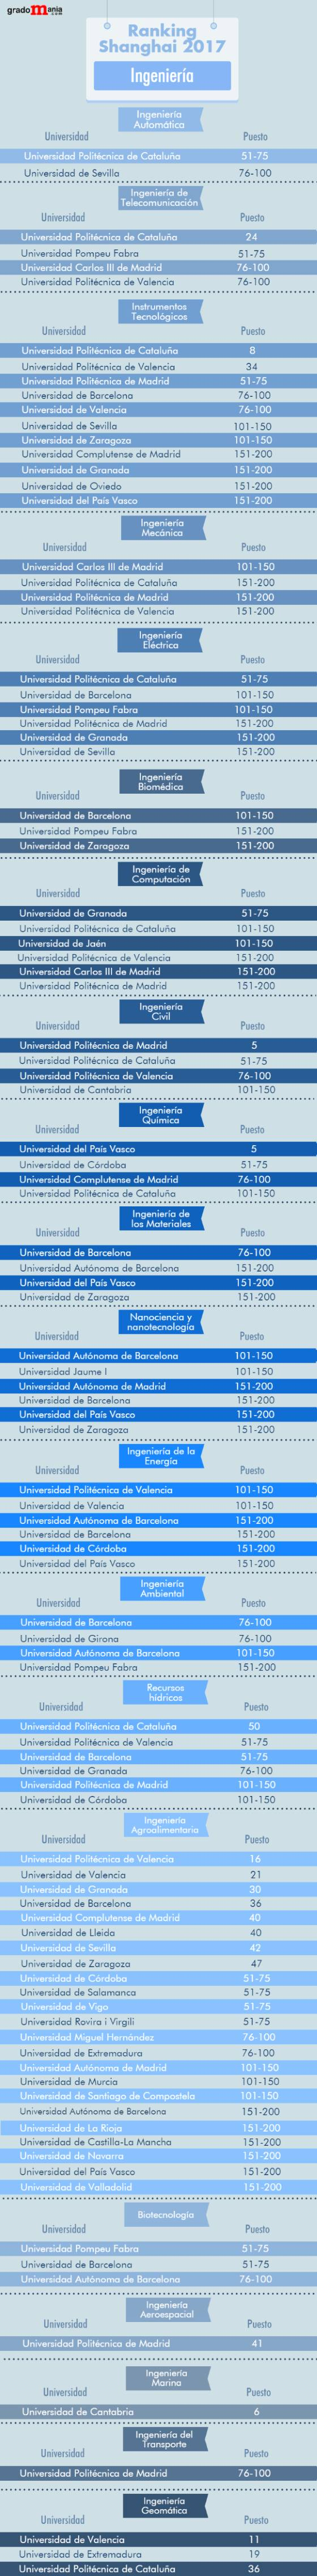 Ranking de las mejores universidades para estudiar Ingeniería noticiaAMP